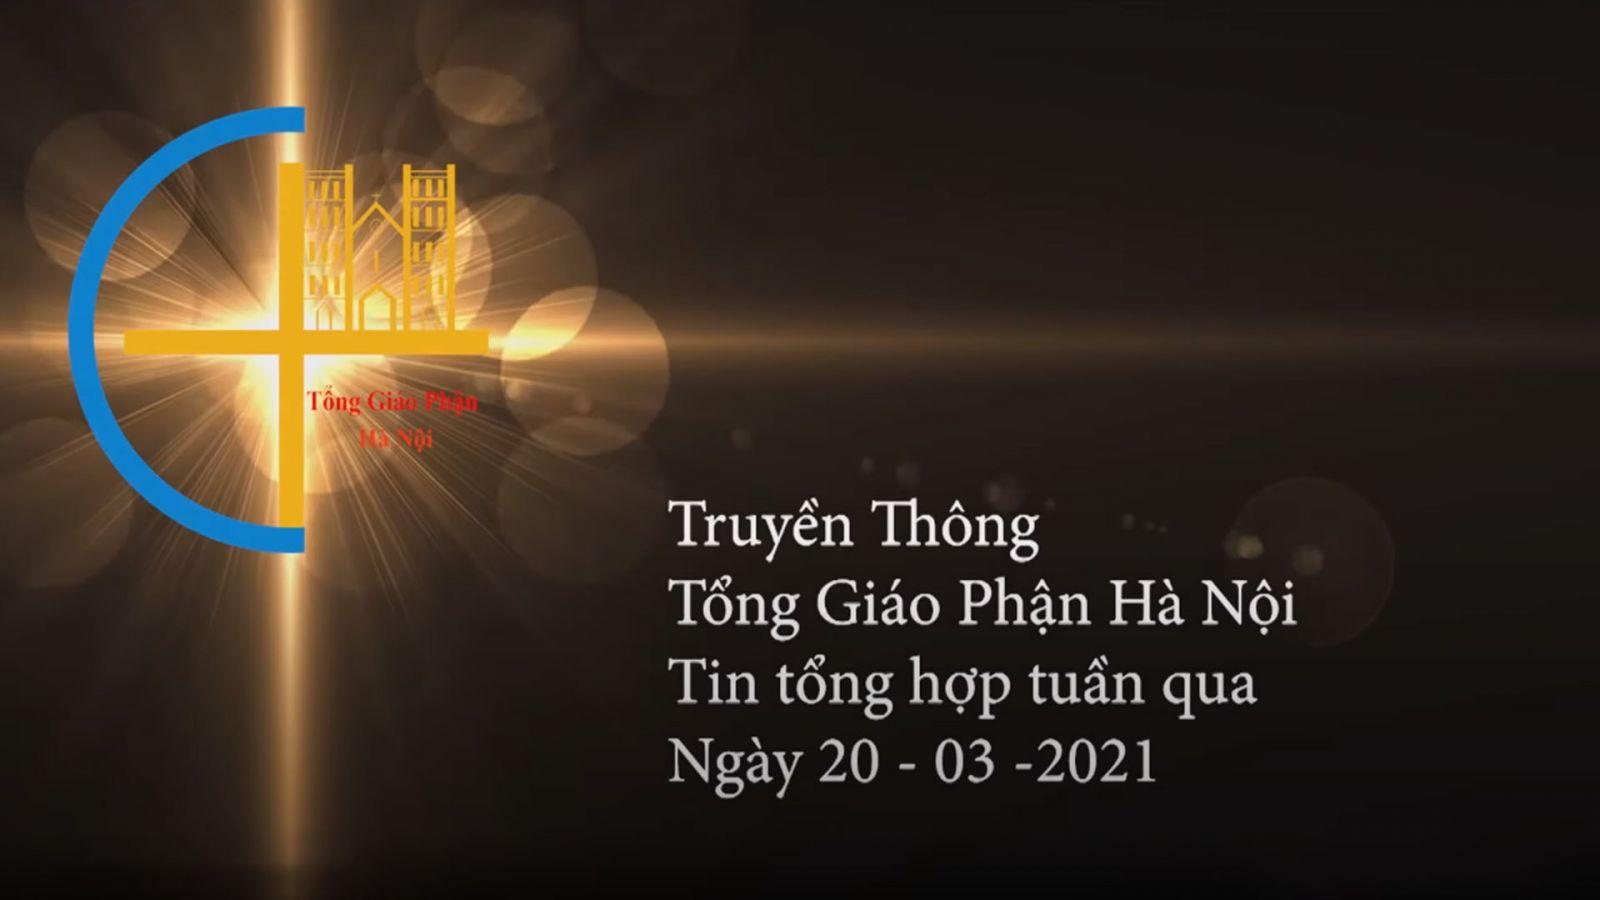 Tin tổng hợp cuối tuần ngày 20 - 03 - 2021 | TGP Hà Nội.